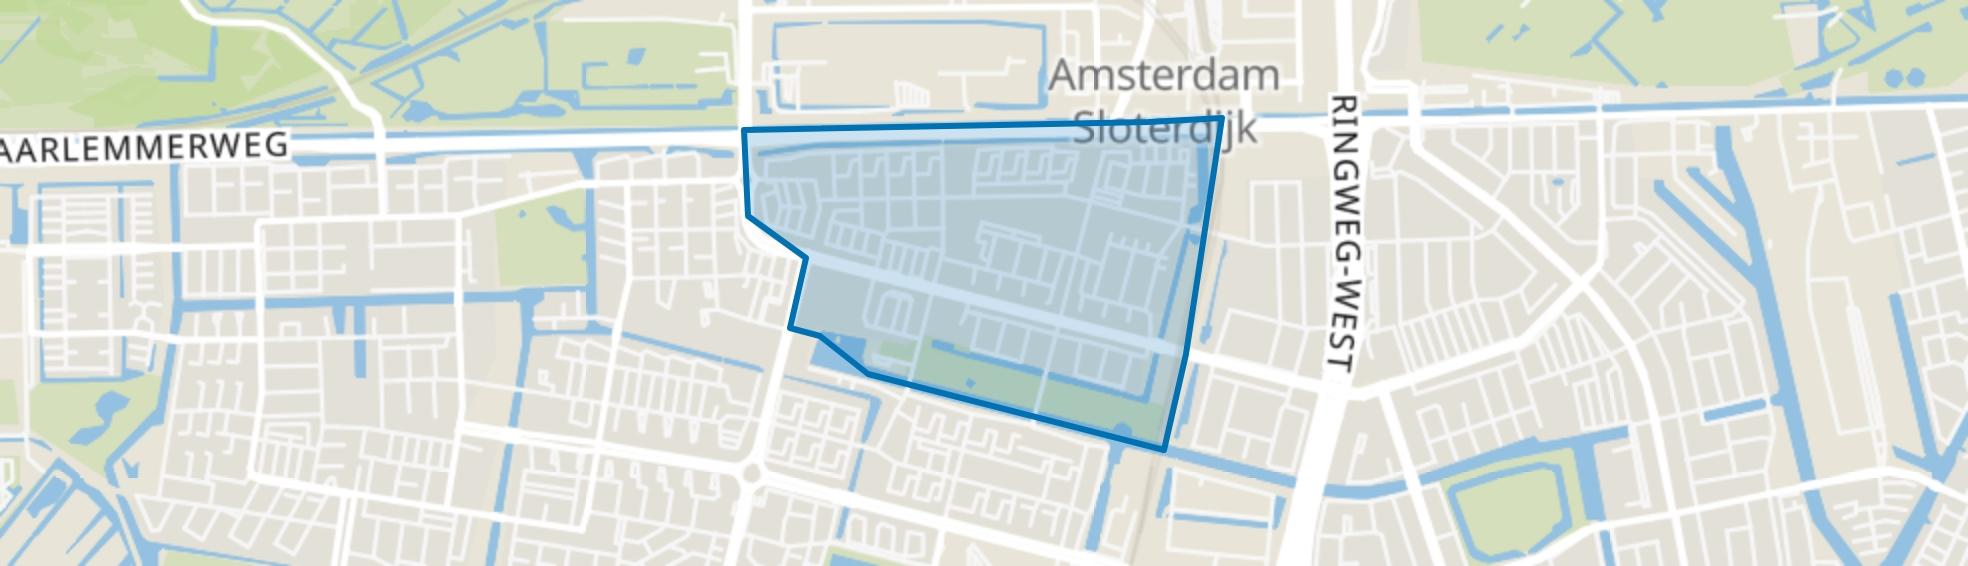 Slotermeer-Noordoost, Amsterdam map